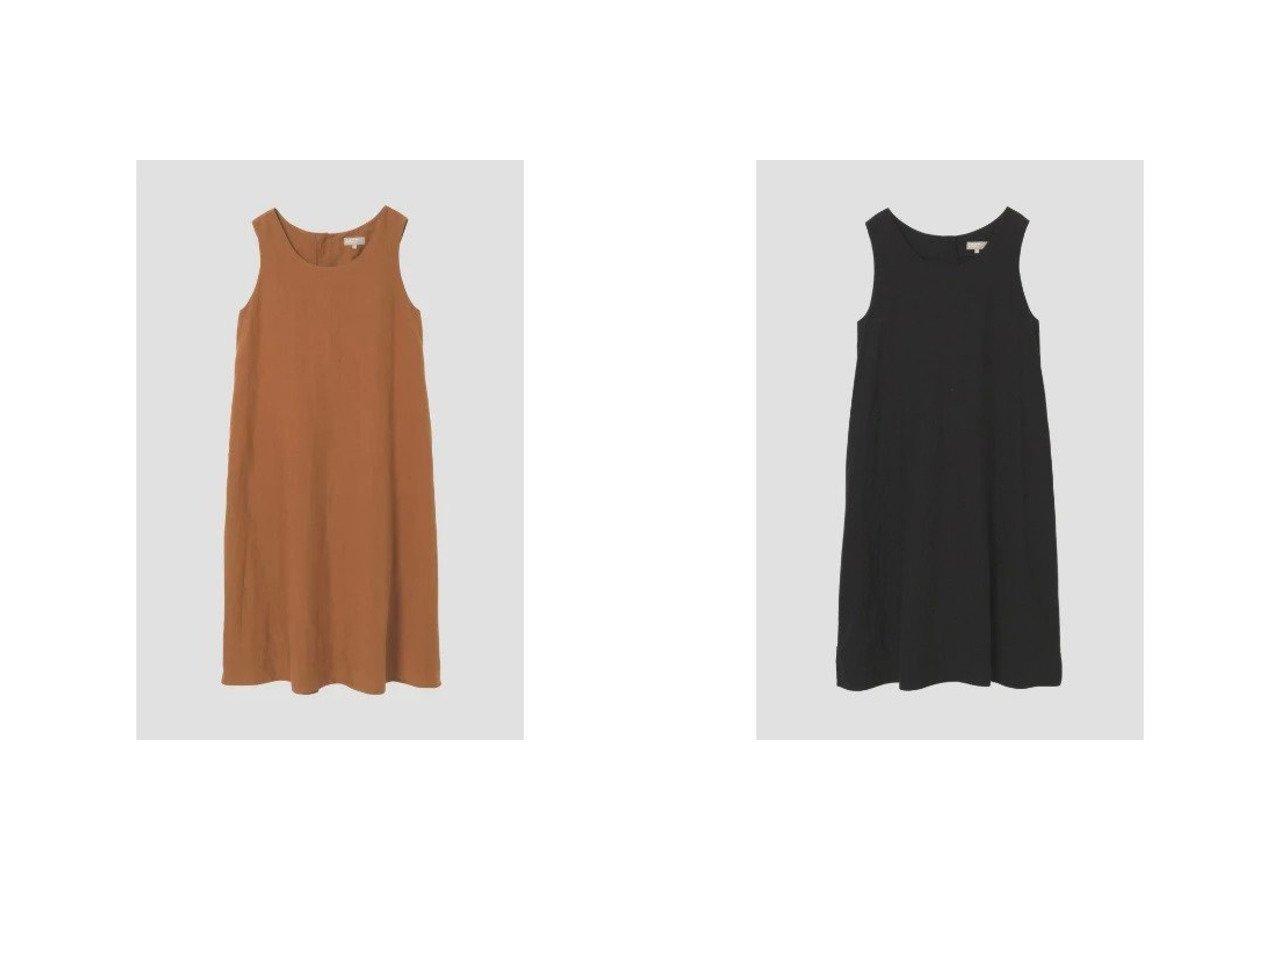 【MARGARET HOWELL/マーガレットハウエル】のDENSE FINE LINEN 【トップス・カットソー】おすすめ!人気、トレンド・レディースファッションの通販 おすすめで人気の流行・トレンド、ファッションの通販商品 インテリア・家具・メンズファッション・キッズファッション・レディースファッション・服の通販 founy(ファニー) https://founy.com/ ファッション Fashion レディースファッション WOMEN トップス・カットソー Tops/Tshirt シャツ/ブラウス Shirts/Blouses ドレス リネン |ID:crp329100000048343